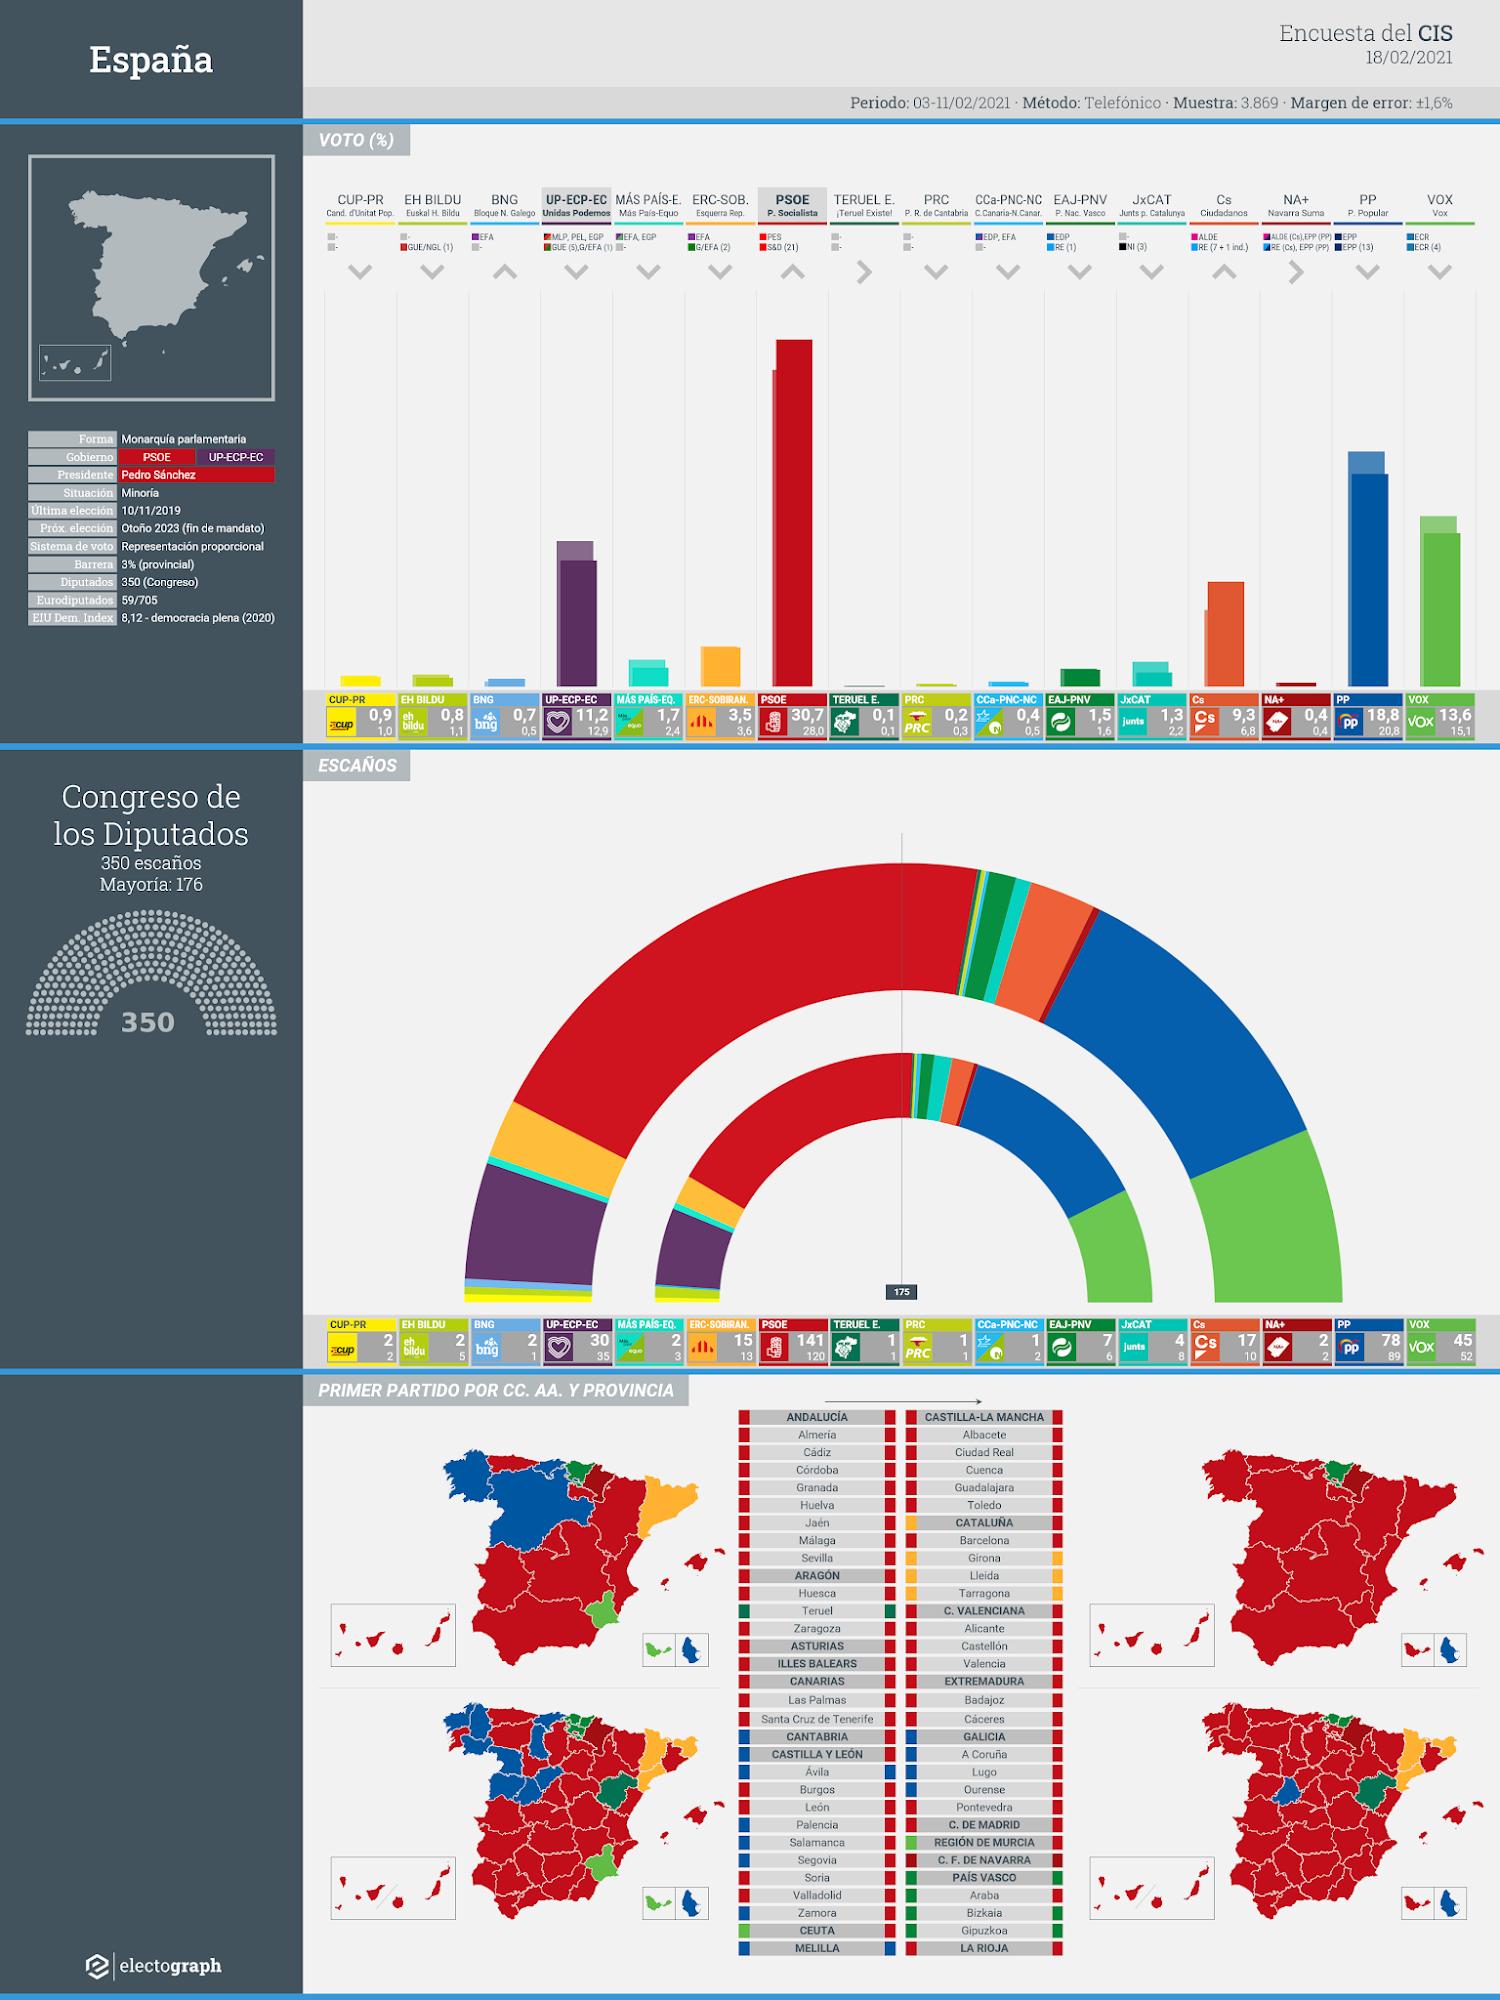 Gráfico de la encuesta para elecciones generales en España realizada por el CIS, 18 de febrero de 2021